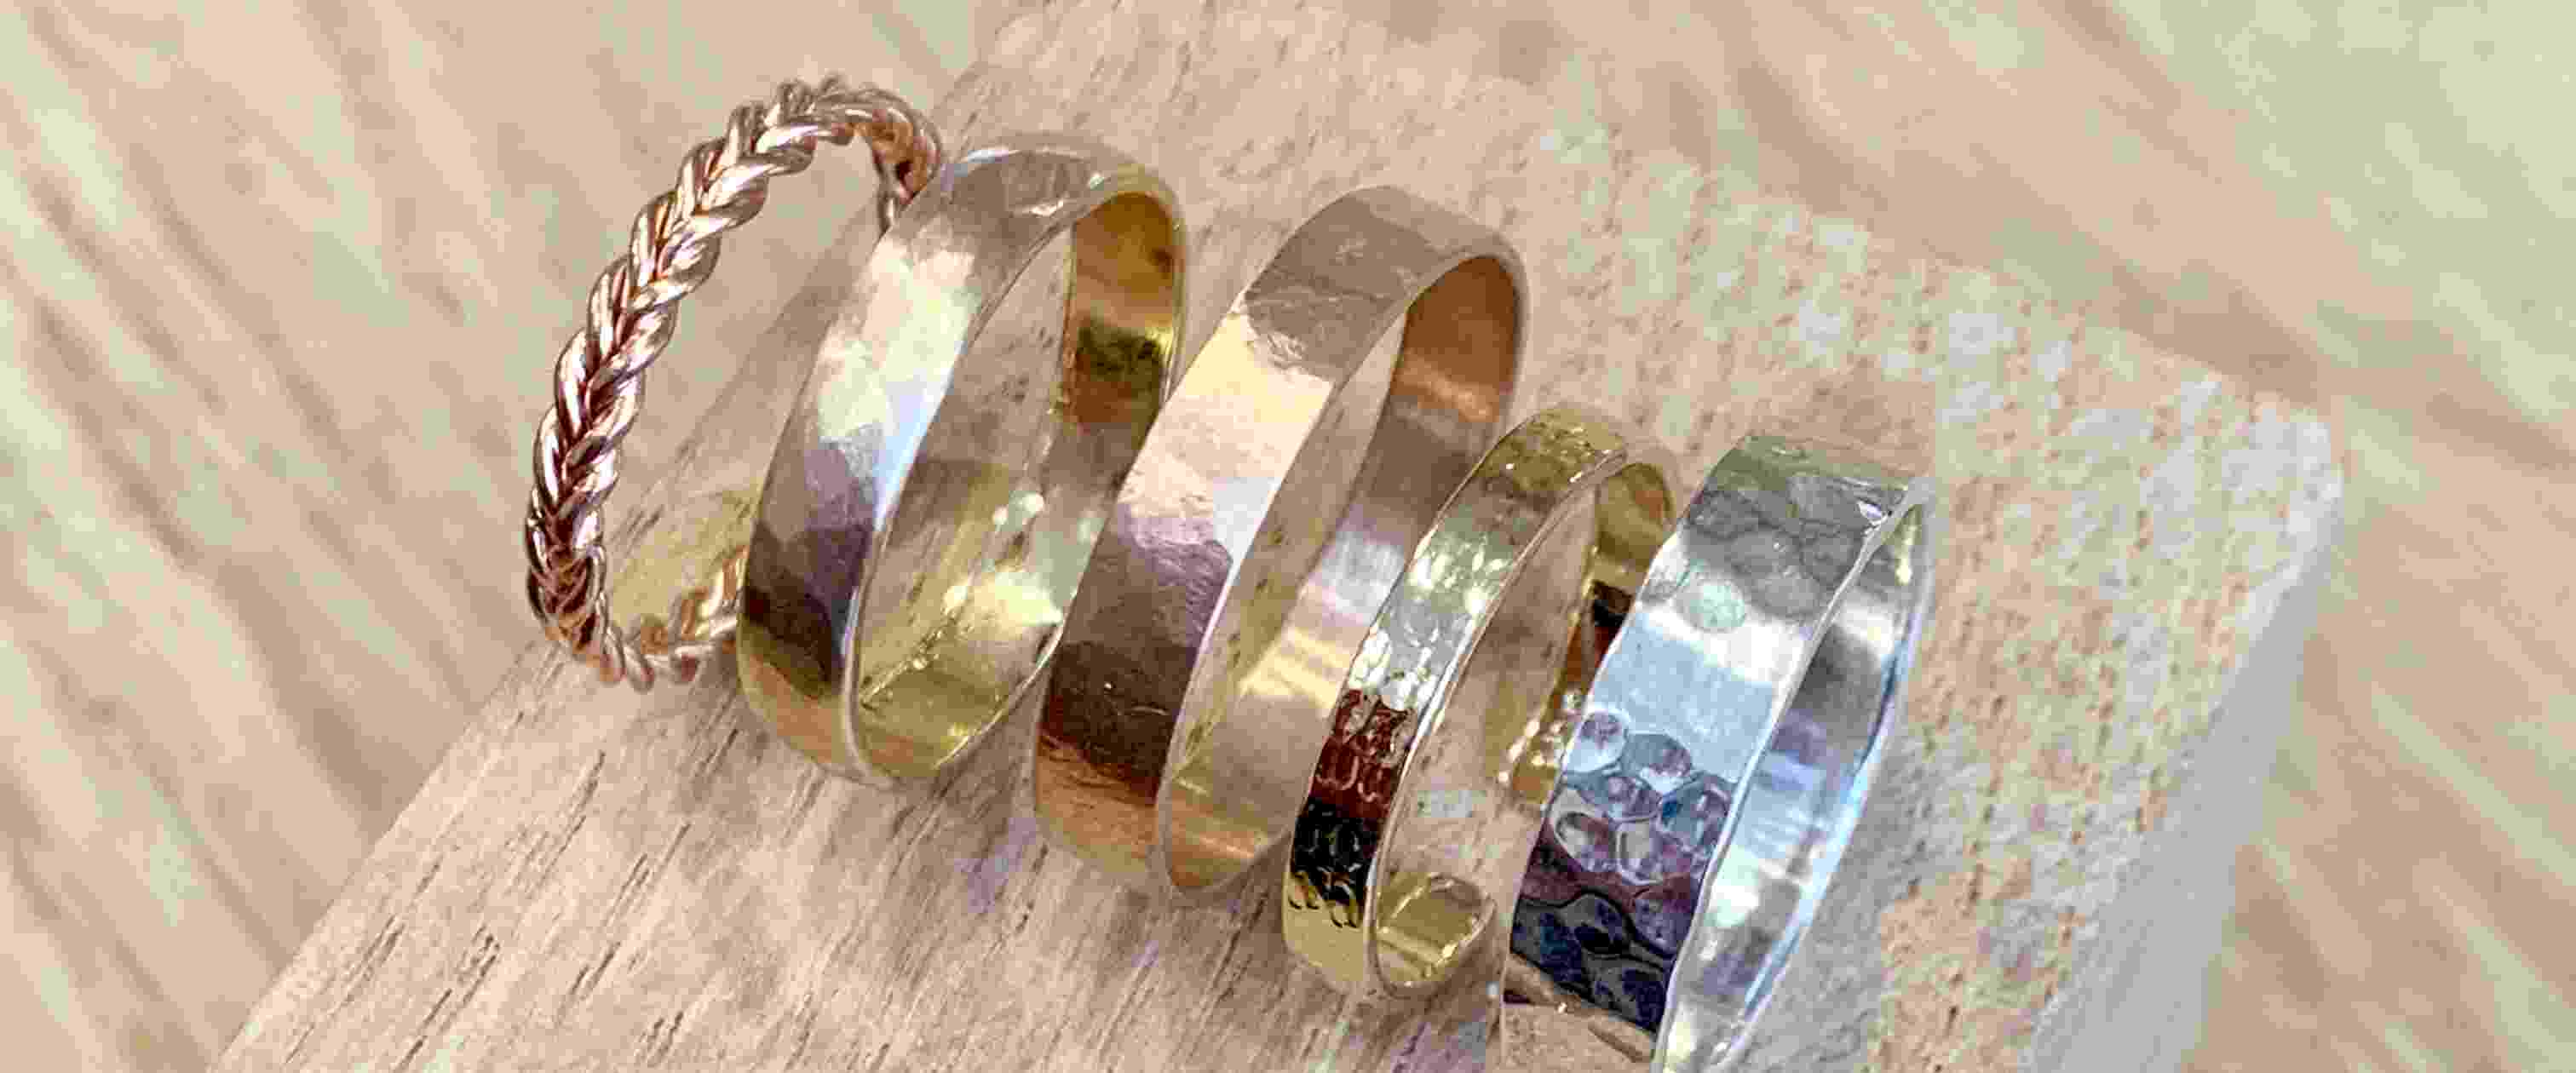 Atelier de fabrication de bijoux en argent ou plaqué or, à Bordeaux